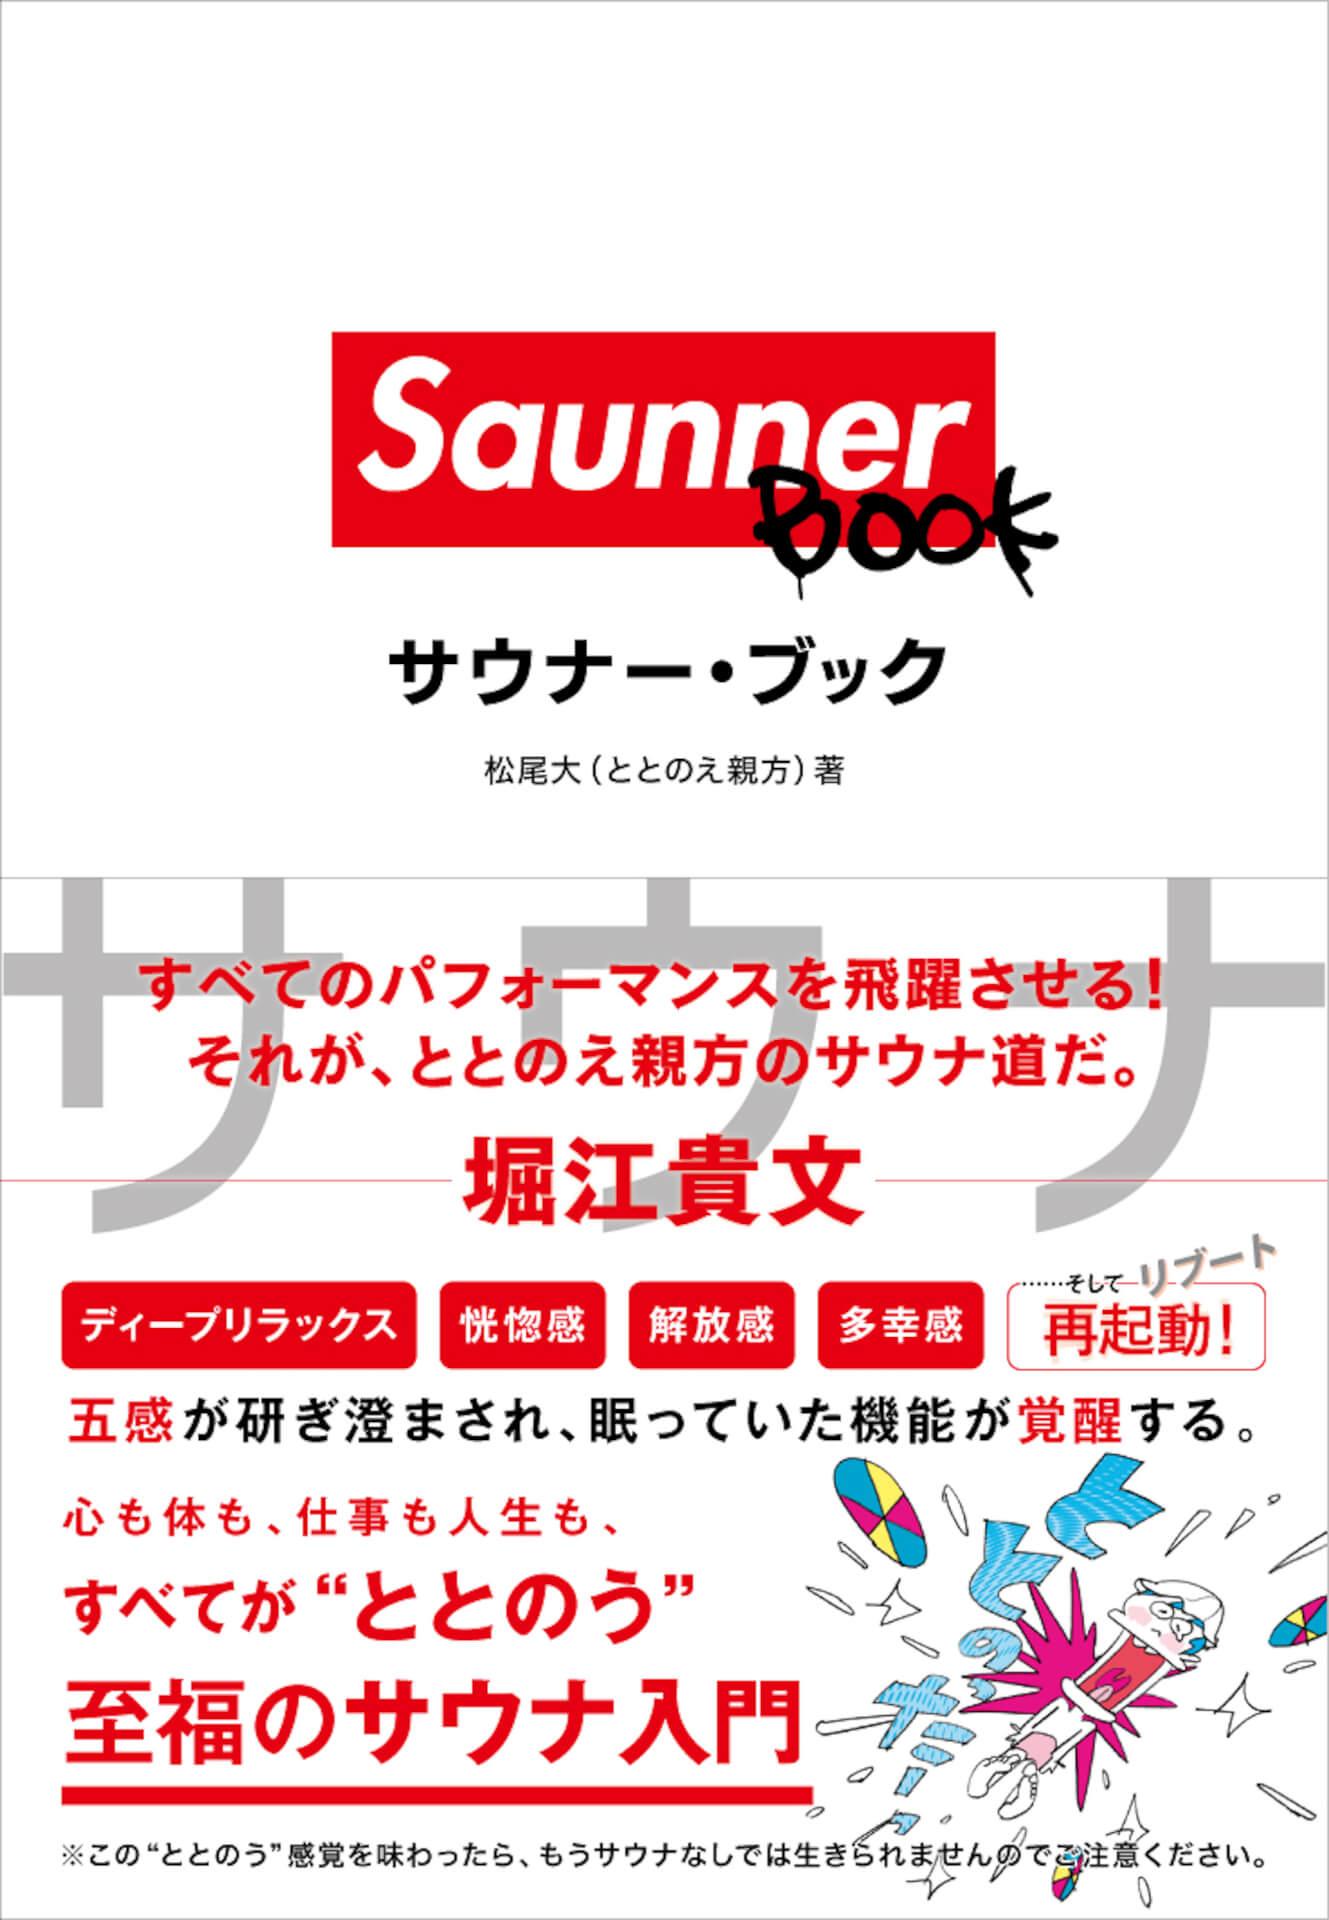 サウナーによるサウナーに向けたサウナ本がついに登場!ととのえ親方の『Saunner BOOK』がサウナの日に発売 life200305_saunner_9